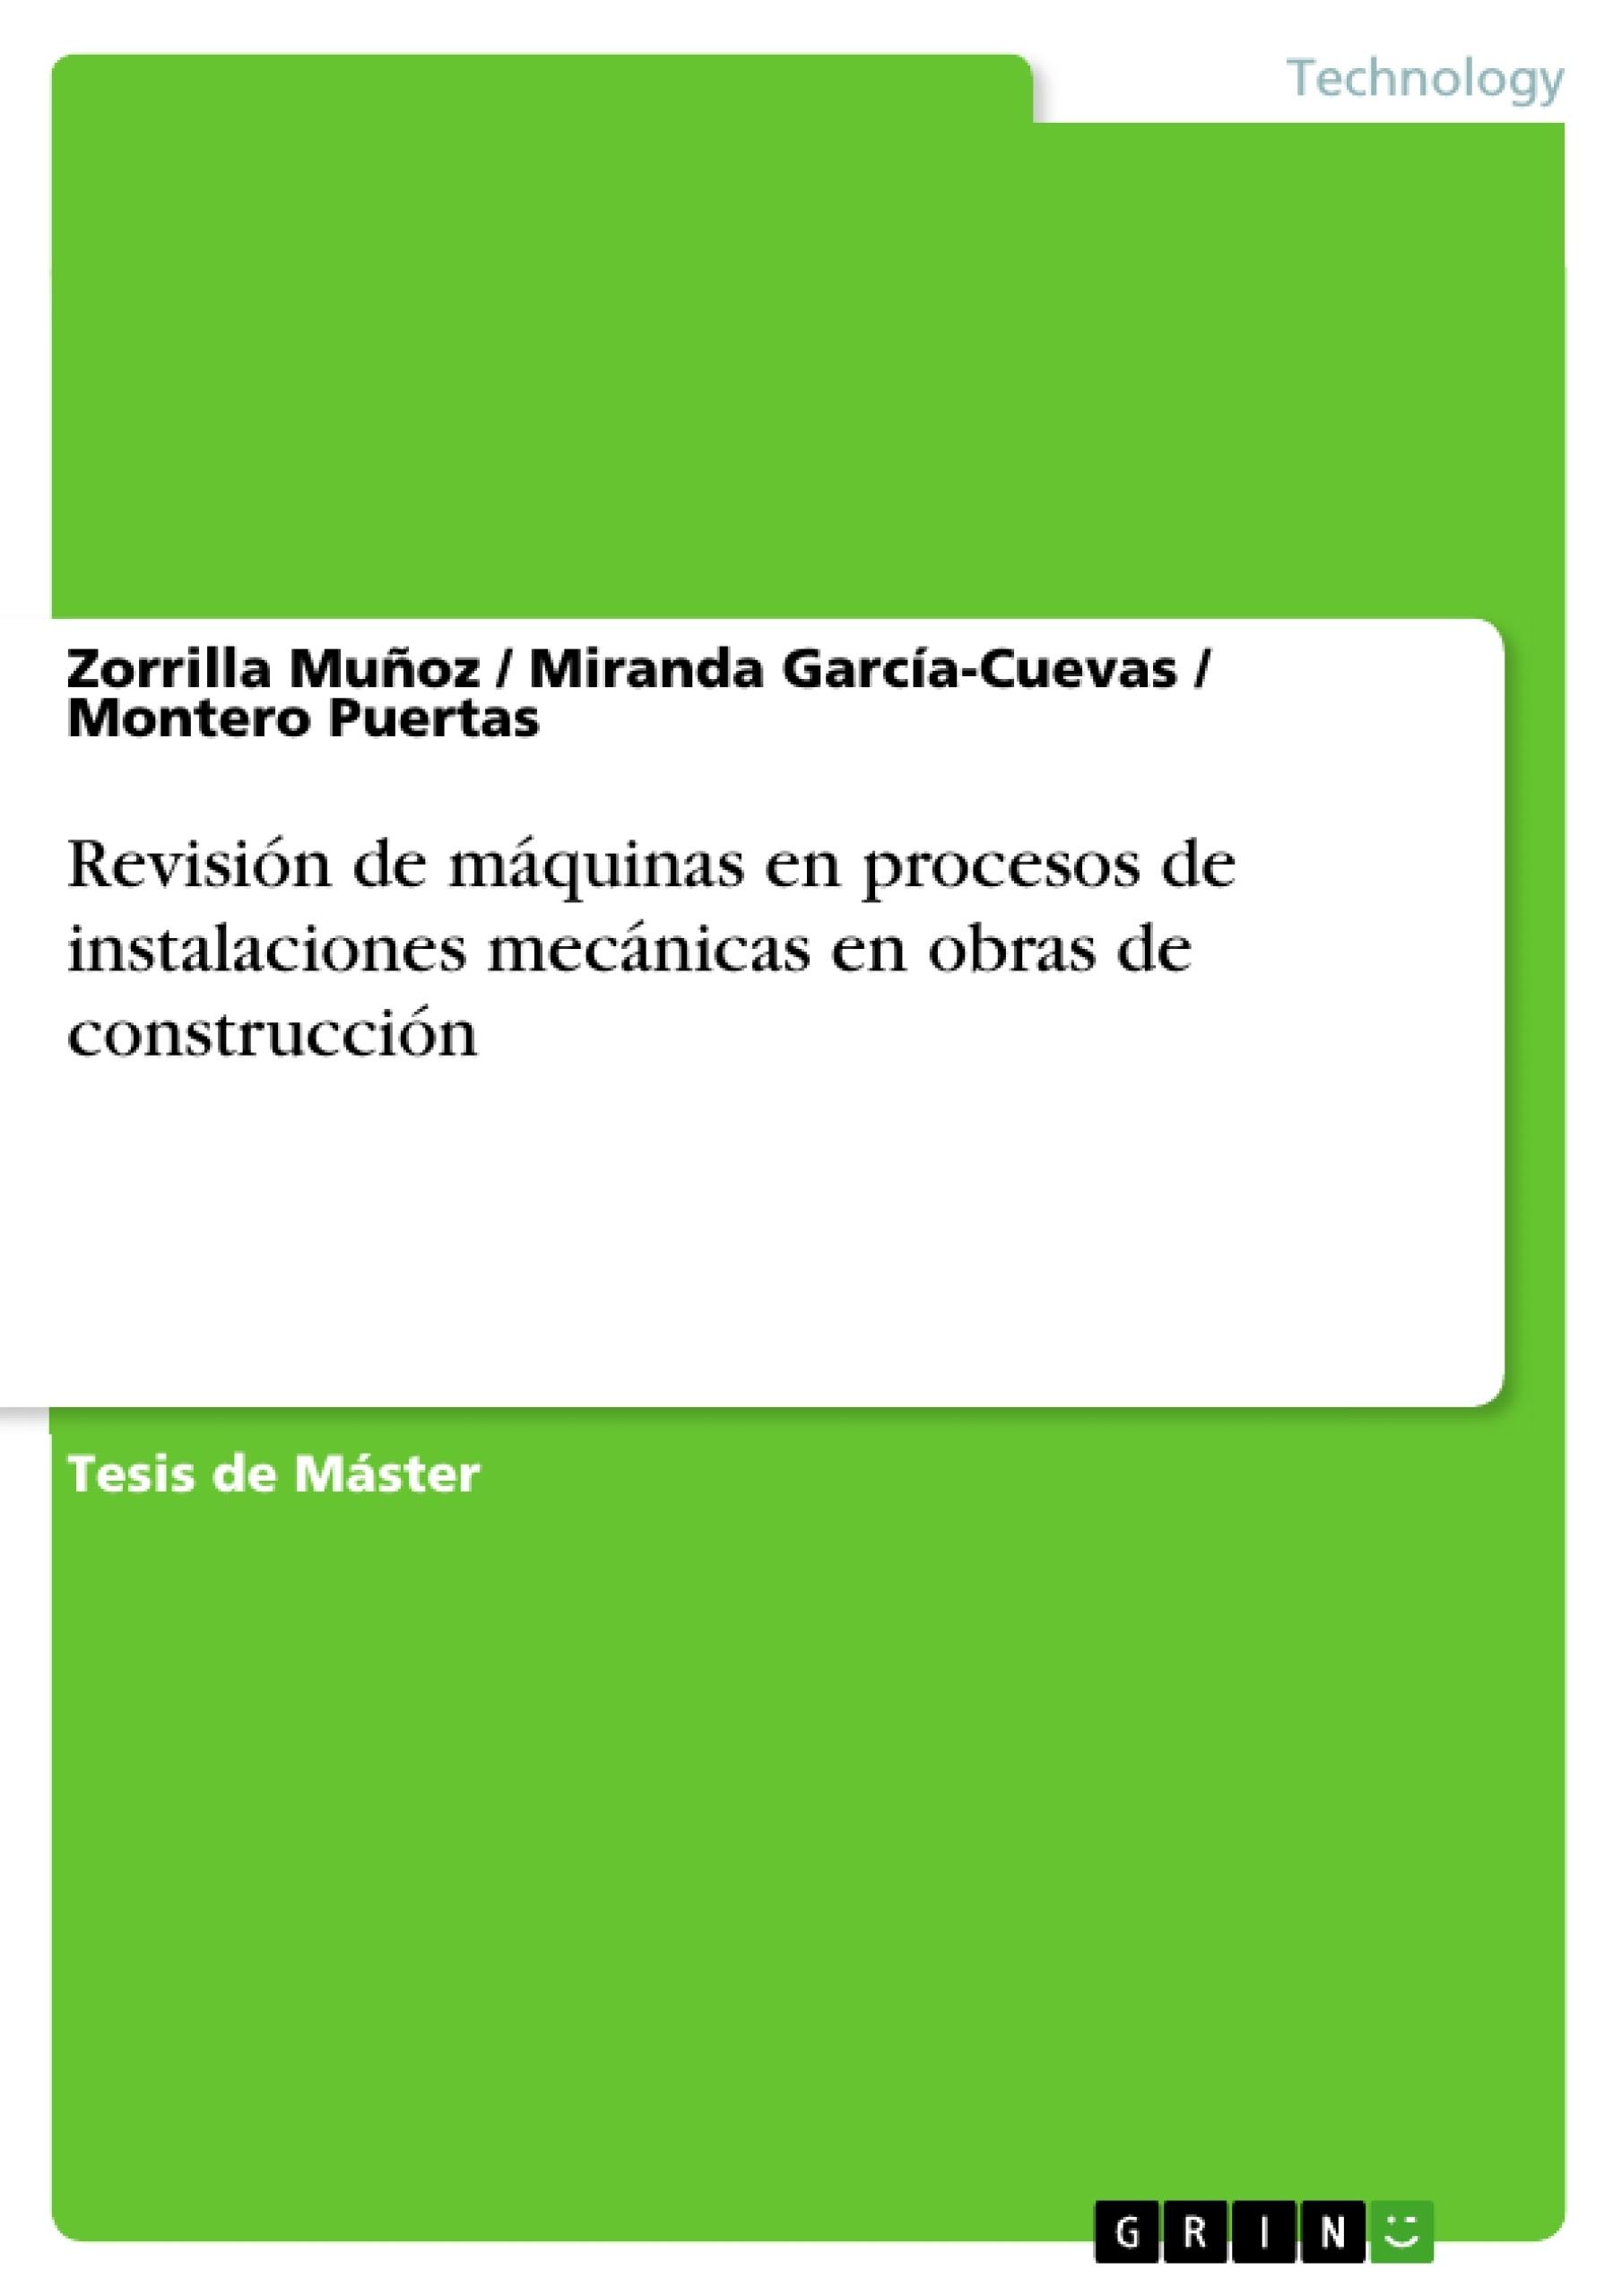 Título: Revisión de máquinas en procesos de instalaciones mecánicas en obras de construcción